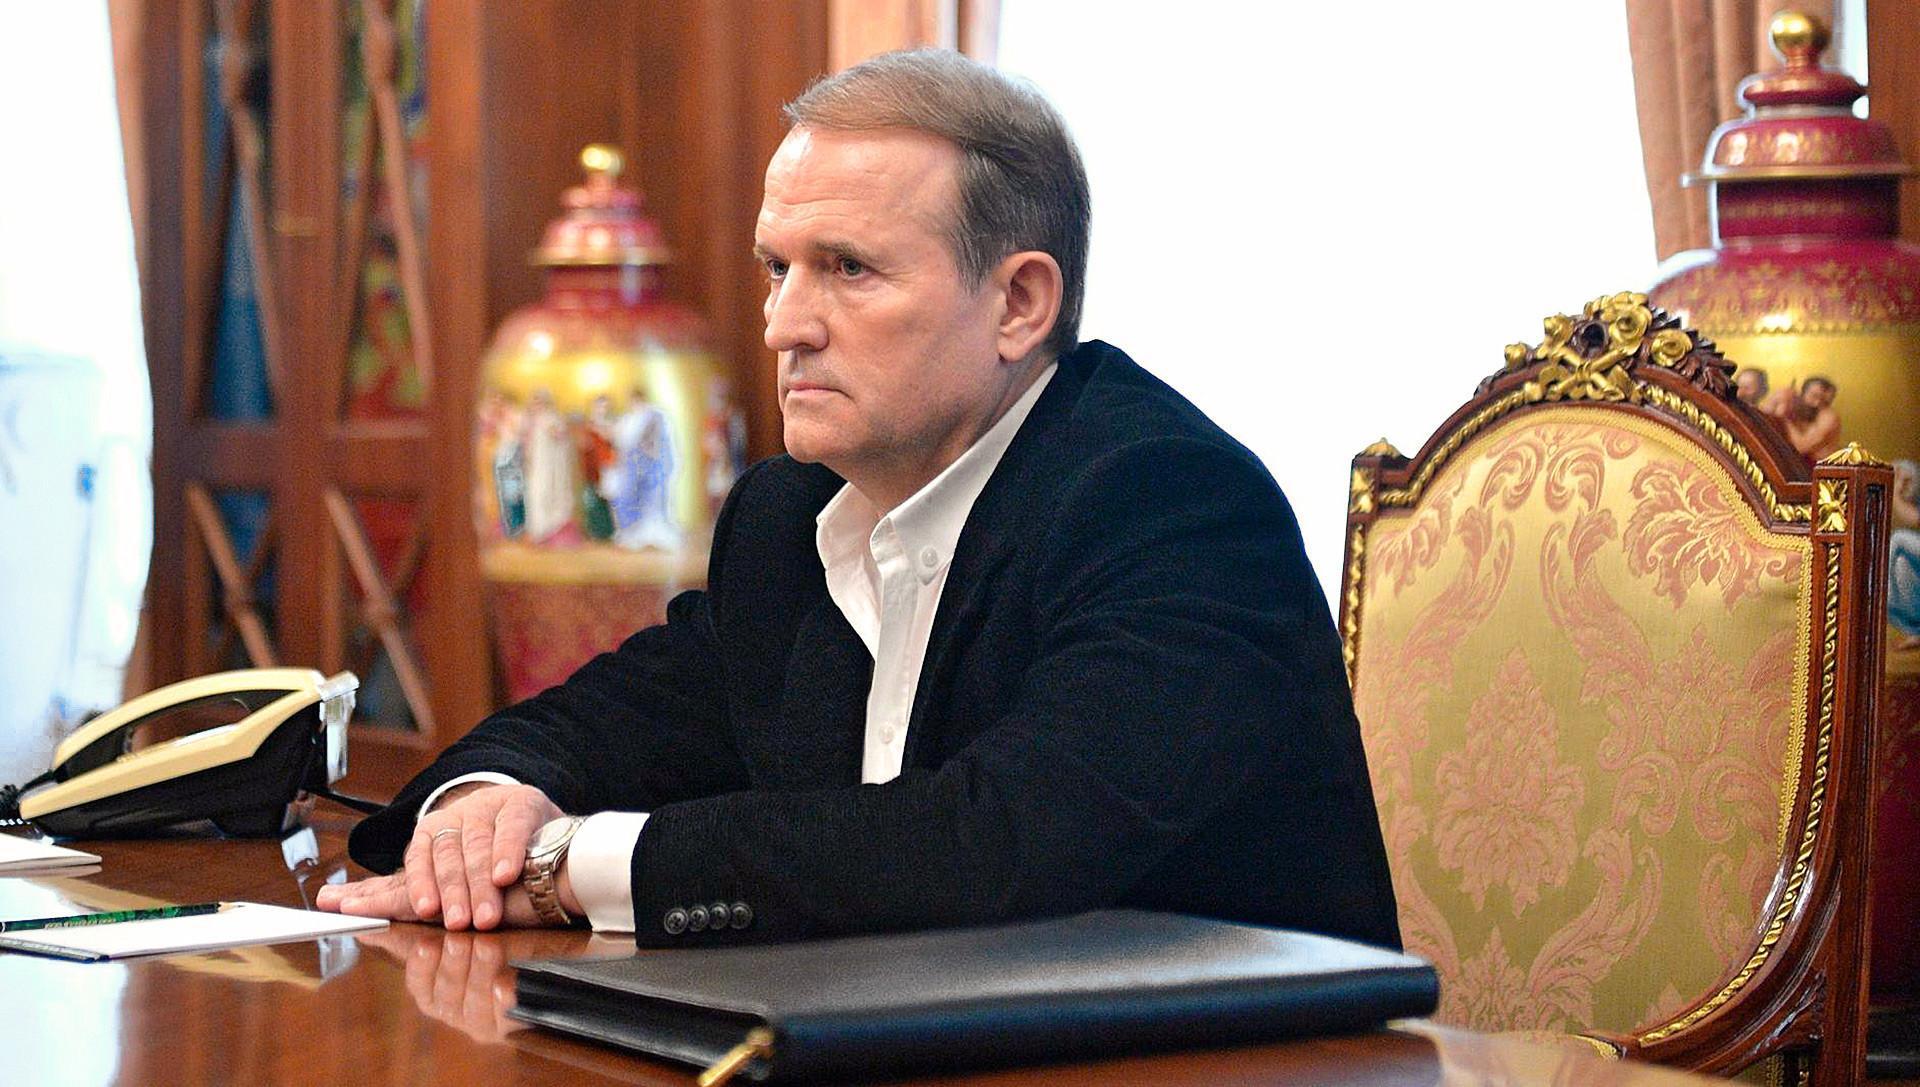 Víktor Medvedtchuk